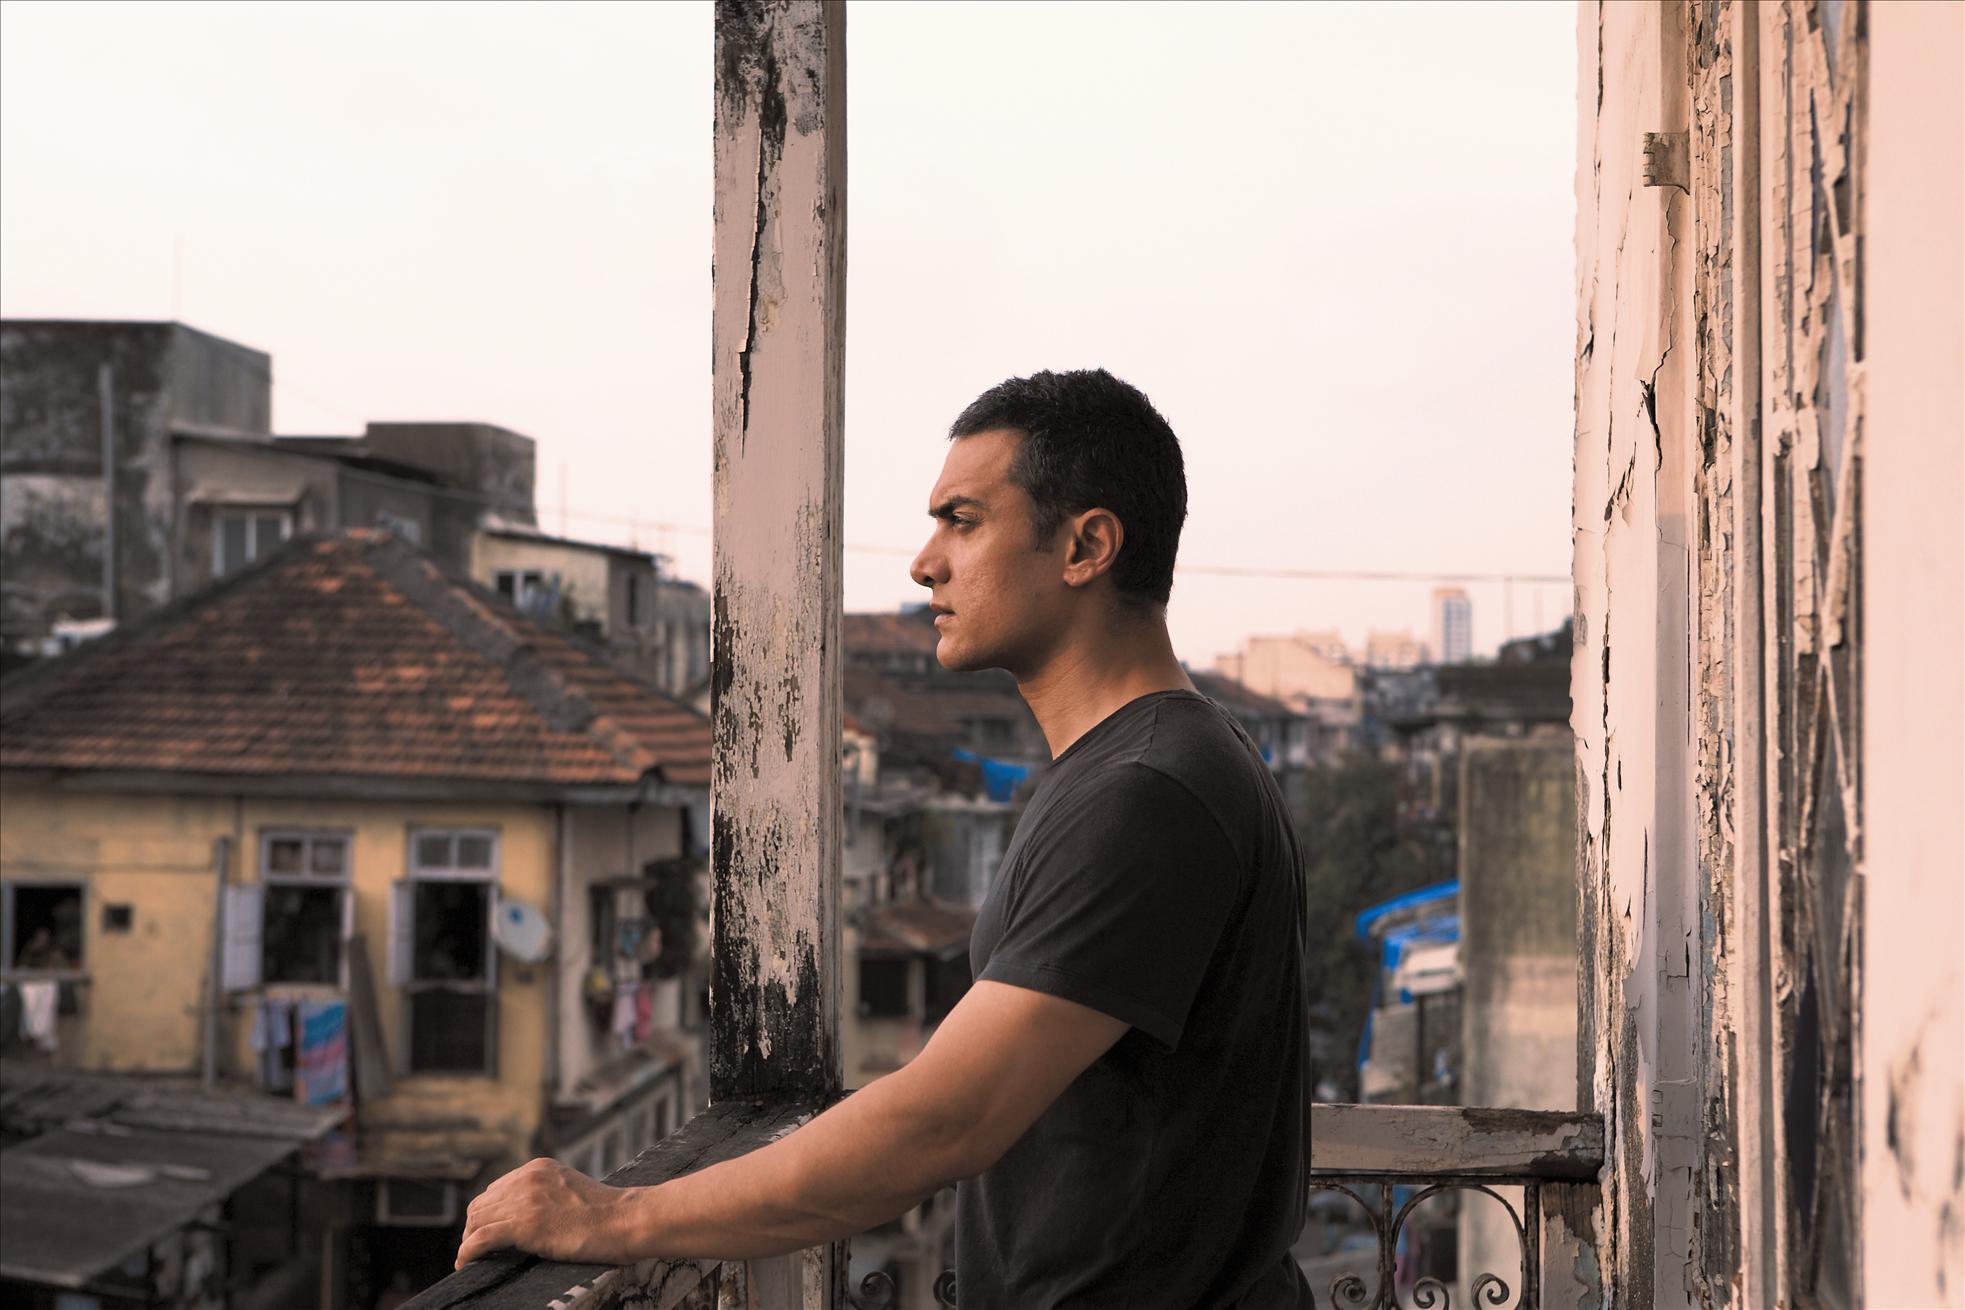 'Dhobi Ghat' excites Aamir Khan and team